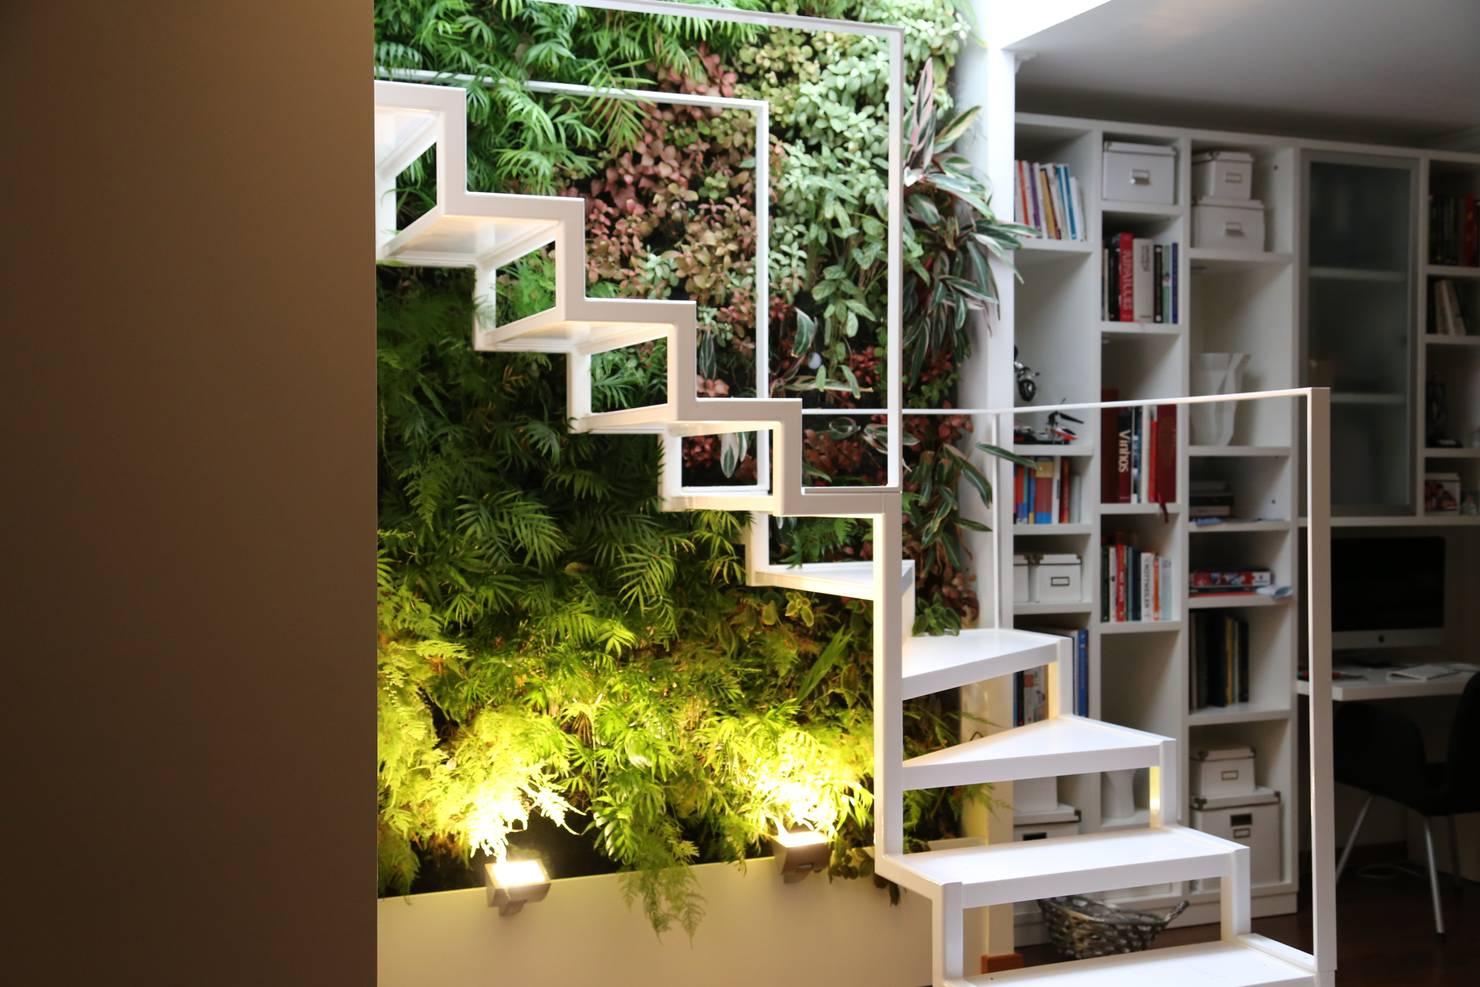 Escaliers : 15 bonnes idées pour les maisons avec peu d'espace